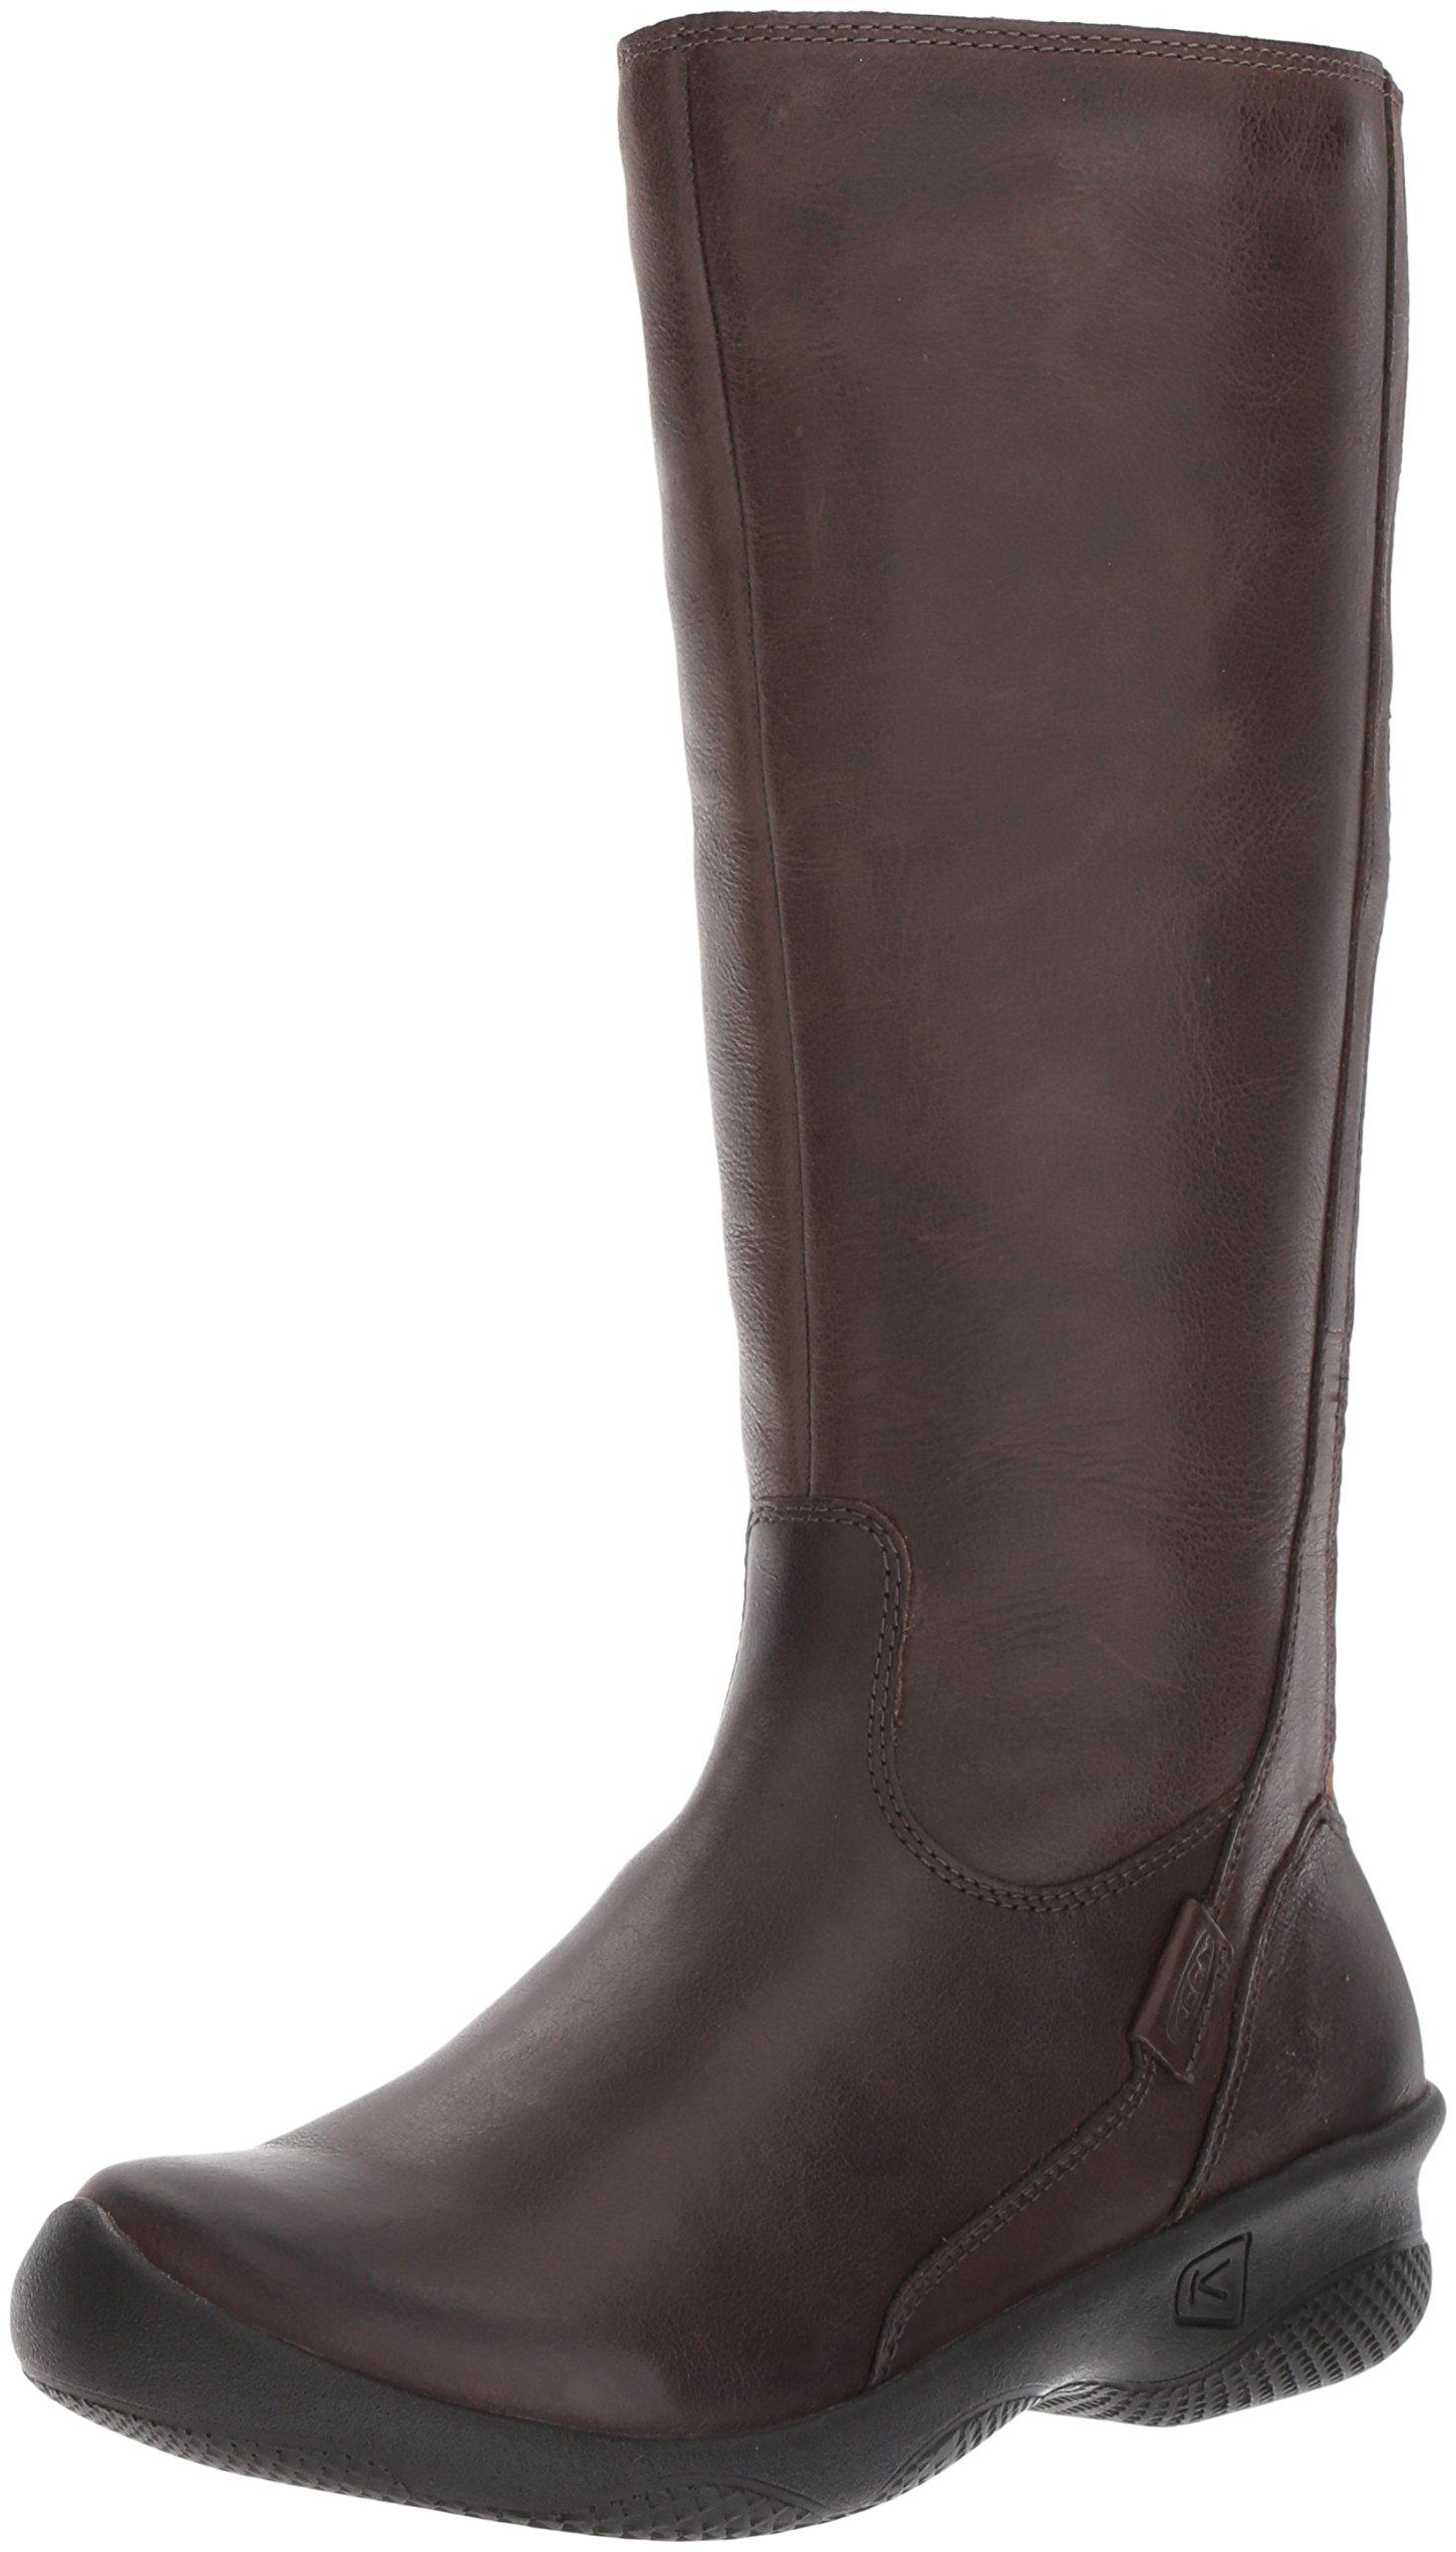 KEEN Women's Baby Bern Ii Tall-w Rain Boot, Mocha, 10 M US by KEEN